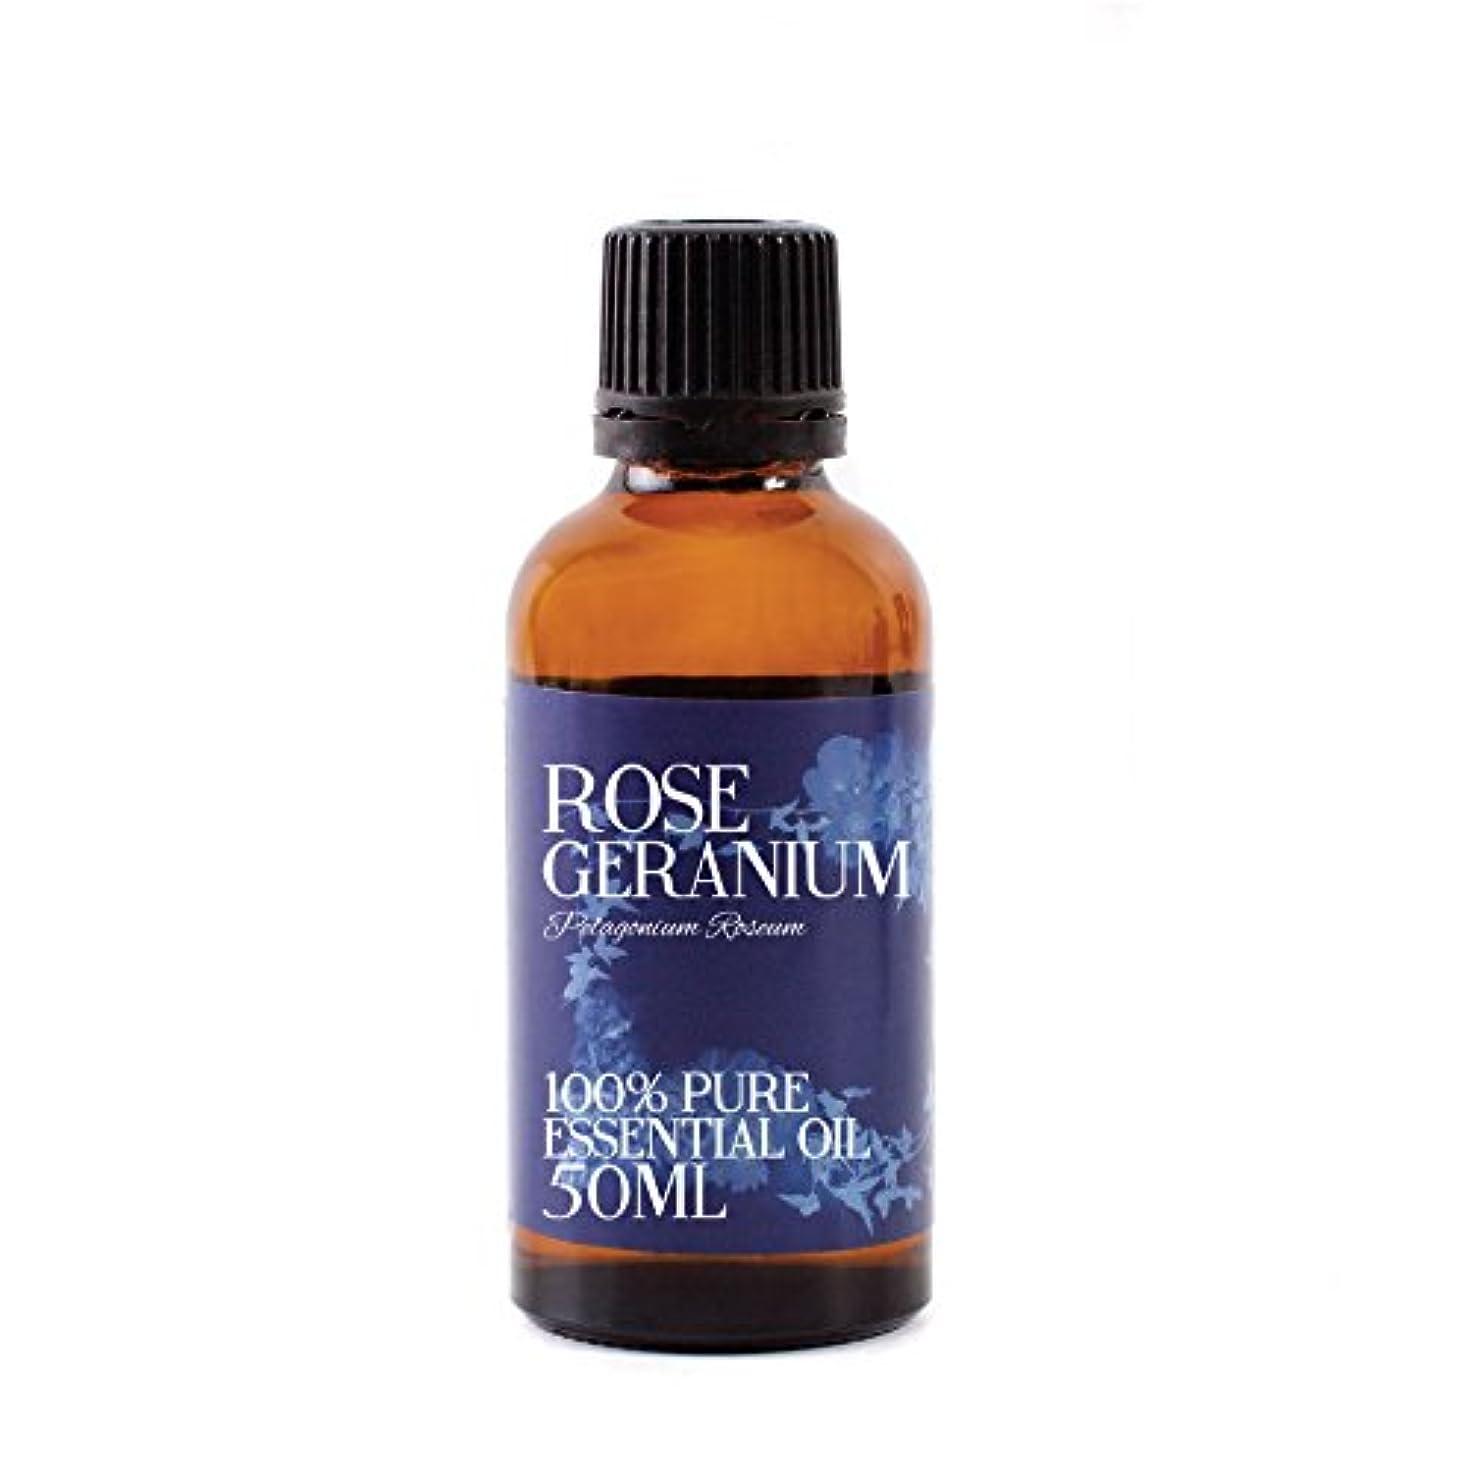 脚本家ロッカーセージMystic Moments   Rose Geranium Essential Oil - 50ml - 100% Pure